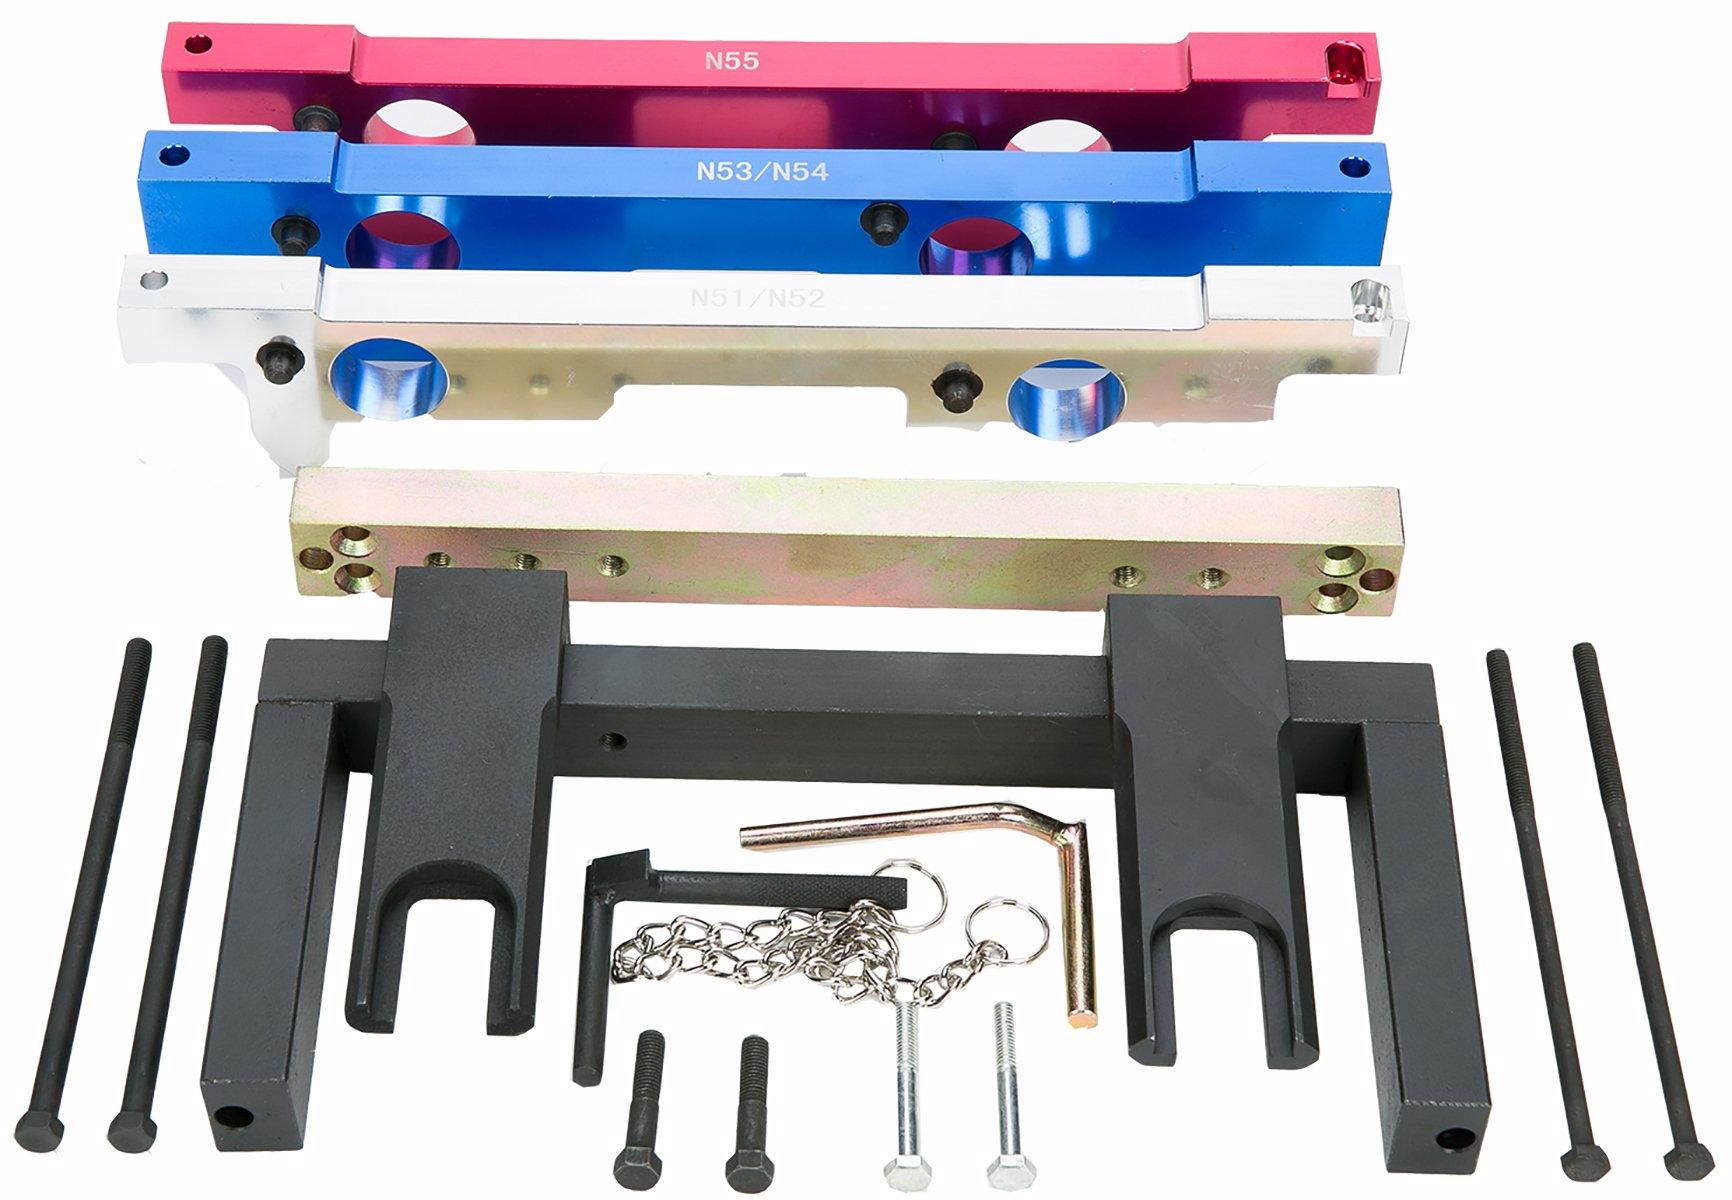 8milelake Engine Camshaft Timing Locking Tool Compatible For Bmw N51 325xi Belt N52 N53 N54 N55 Sz Tools Automotive Tibs